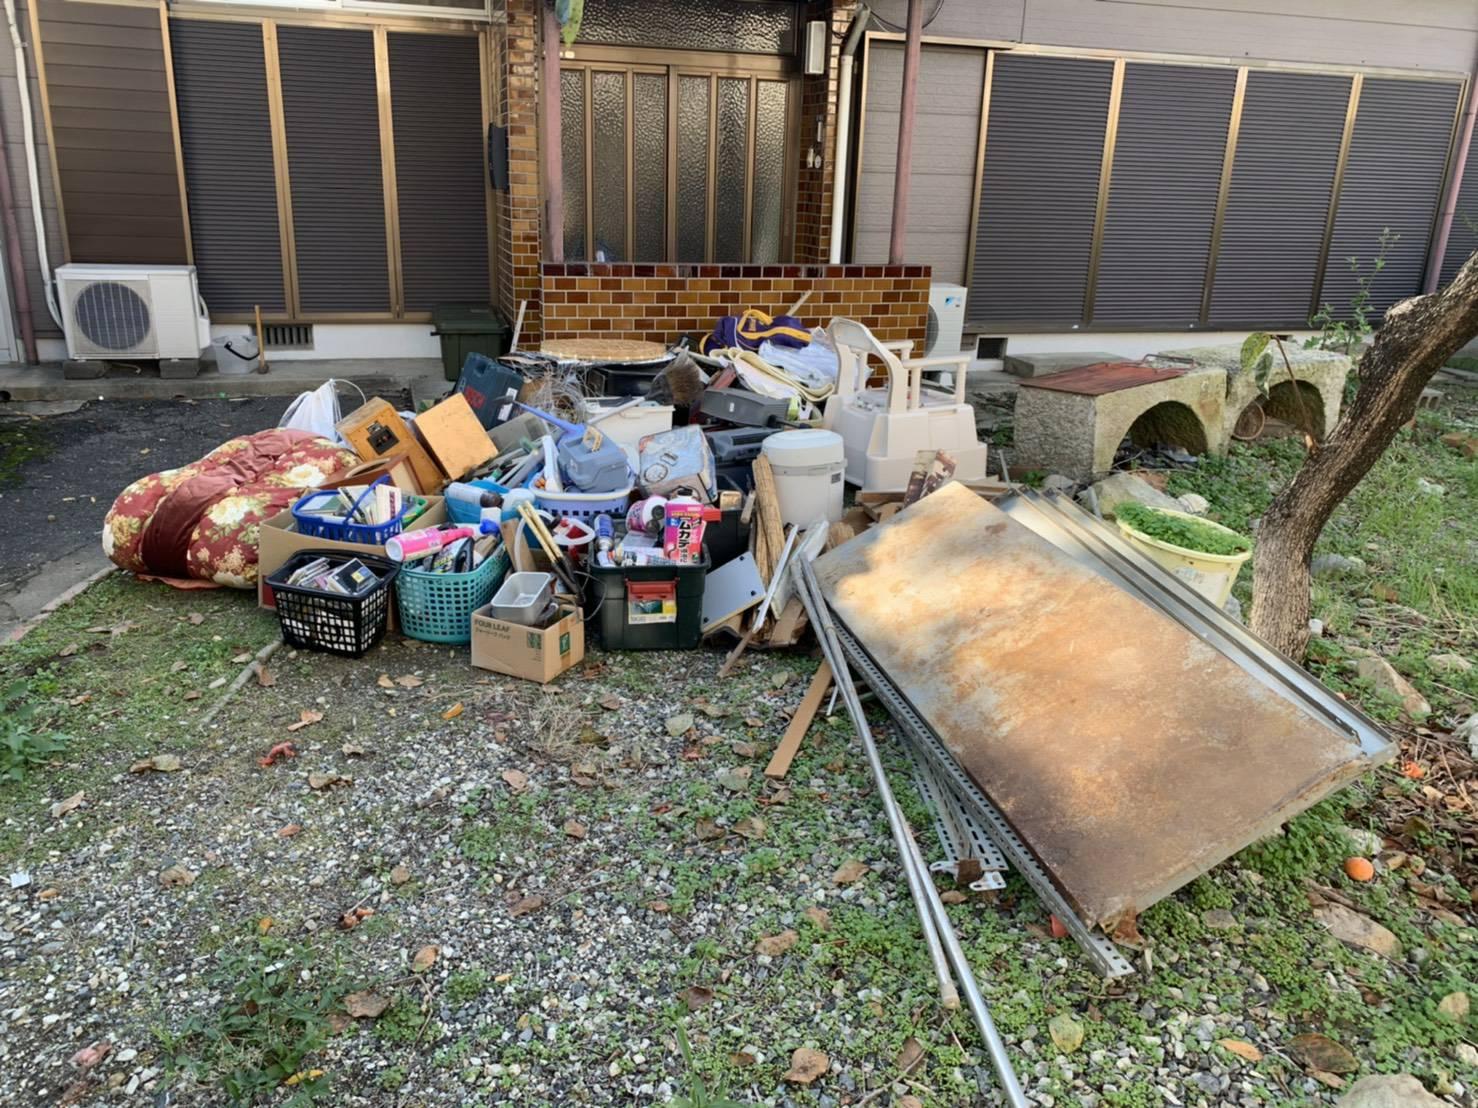 スチールラック、布団、その他不用品の回収前